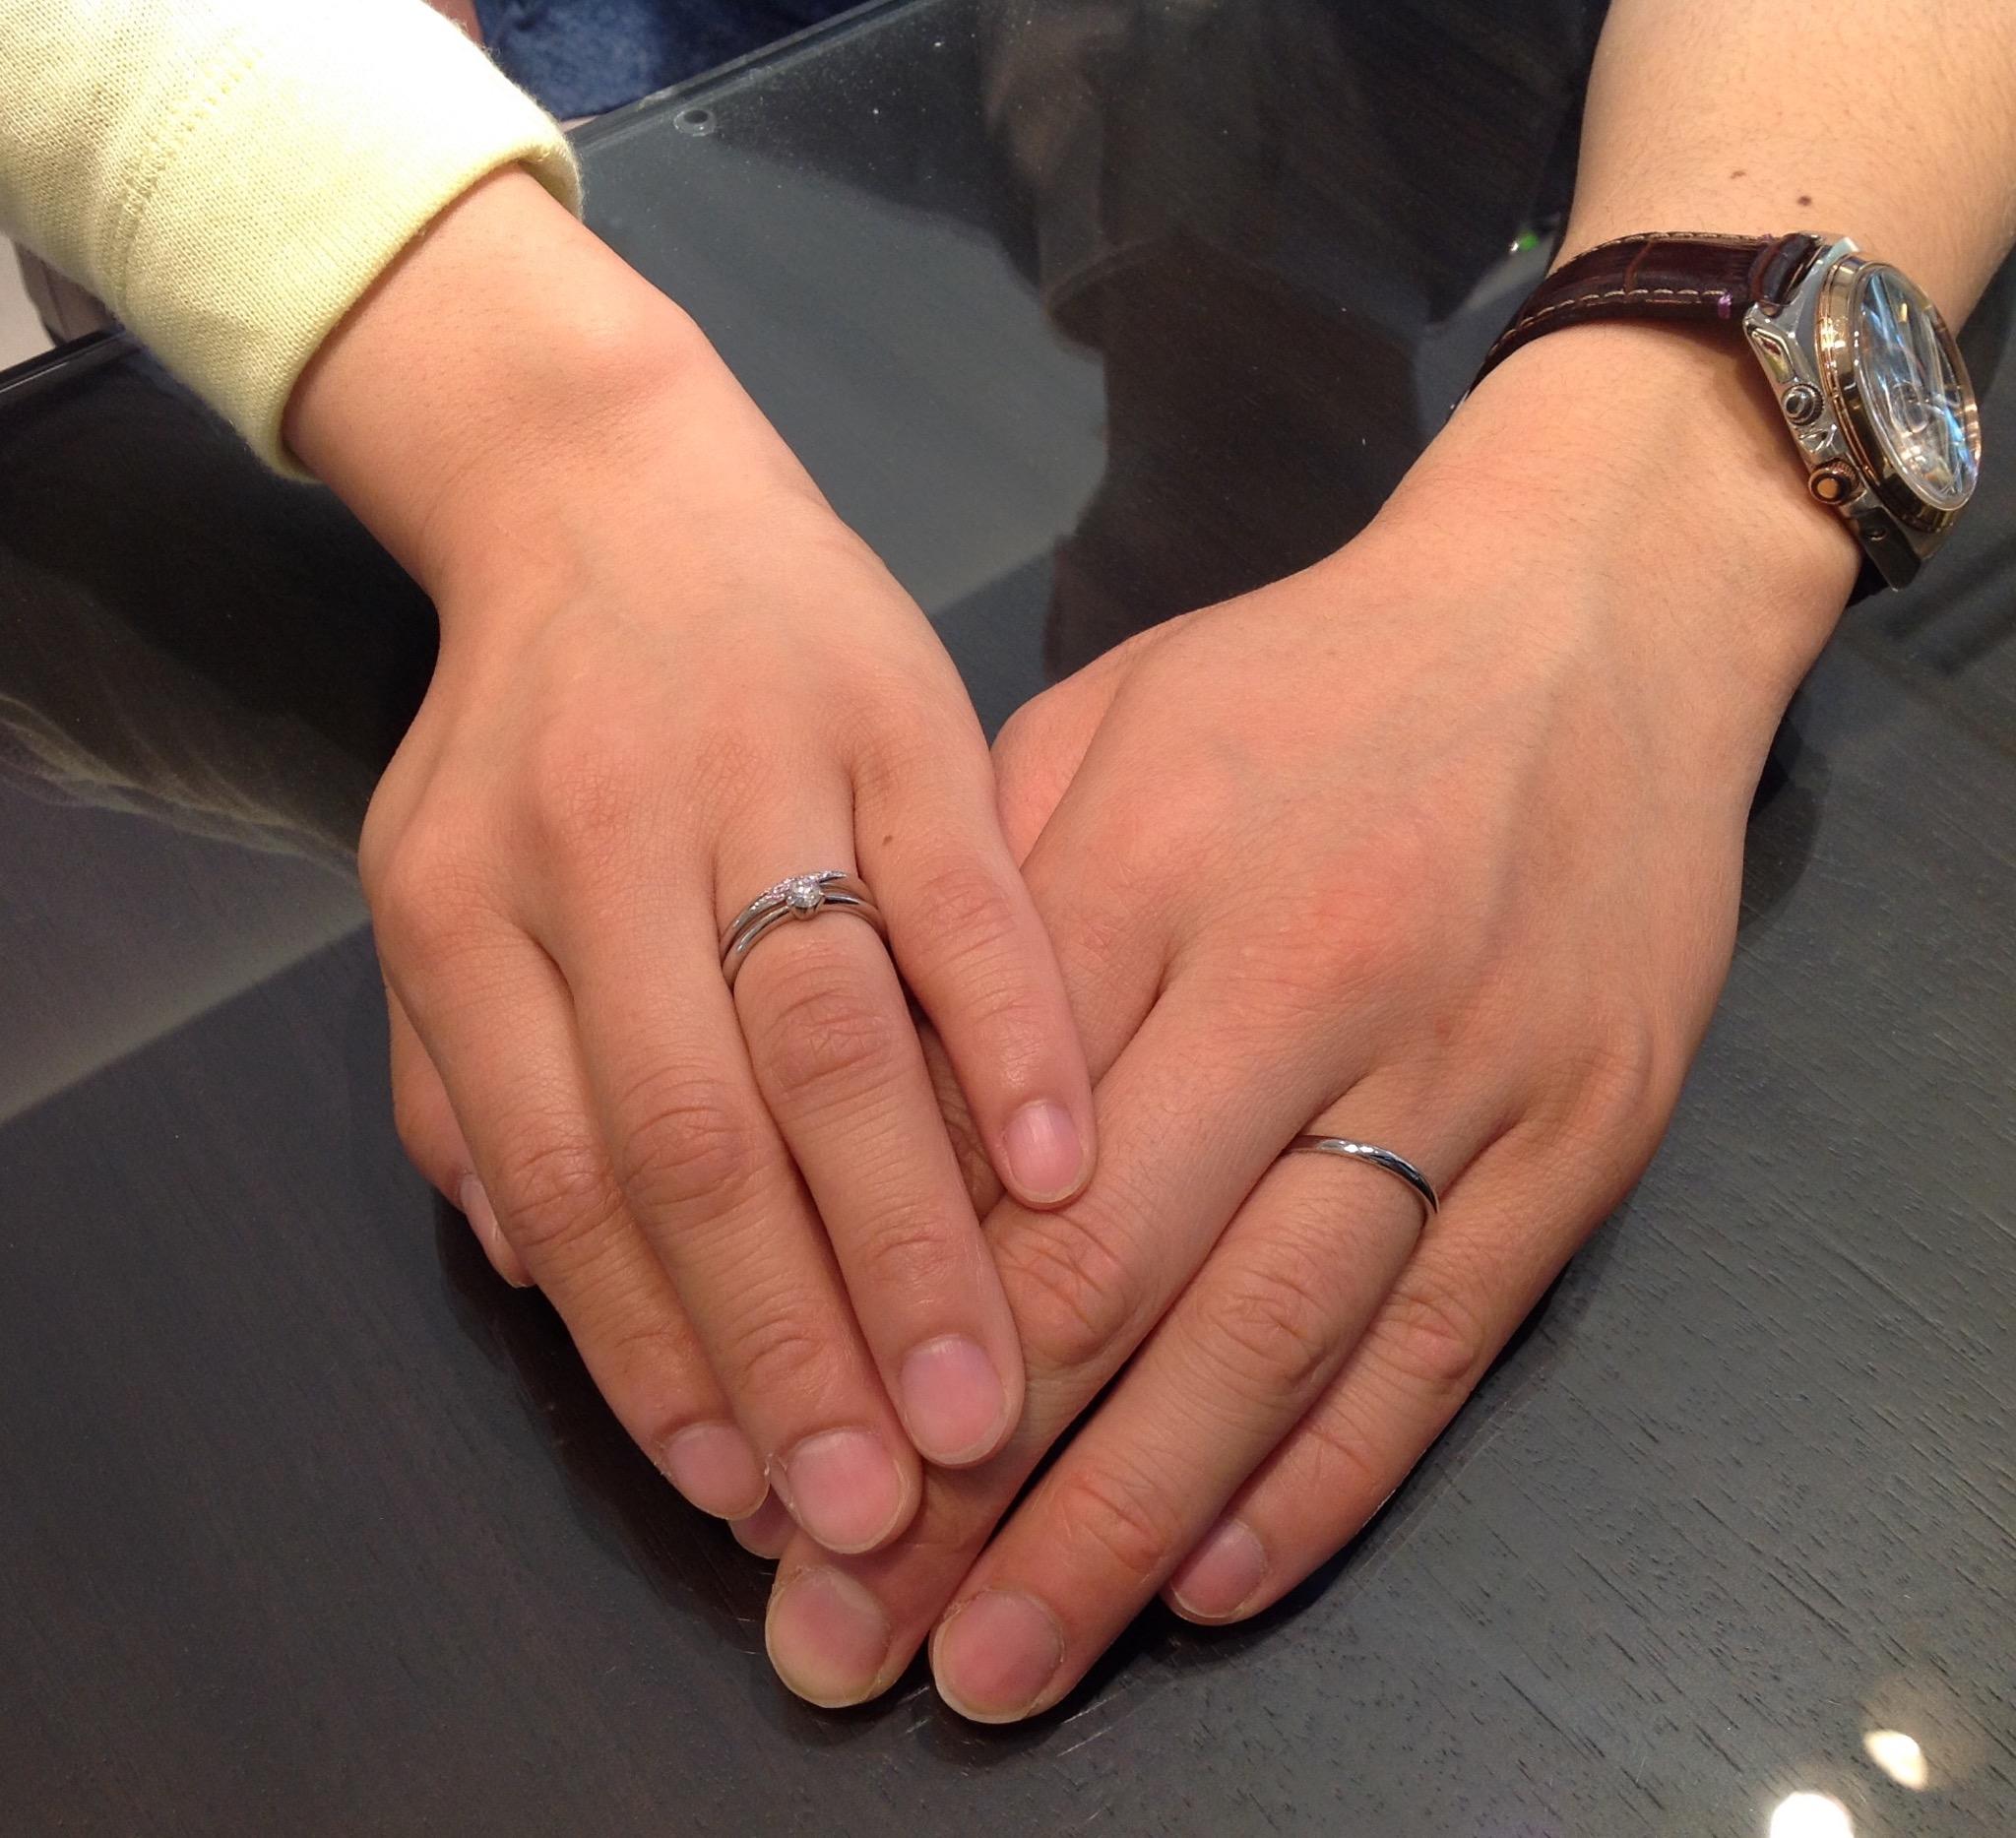 ロイヤルアッシャーのご婚約指輪とカフェリングのご結婚指輪をお作り頂きました